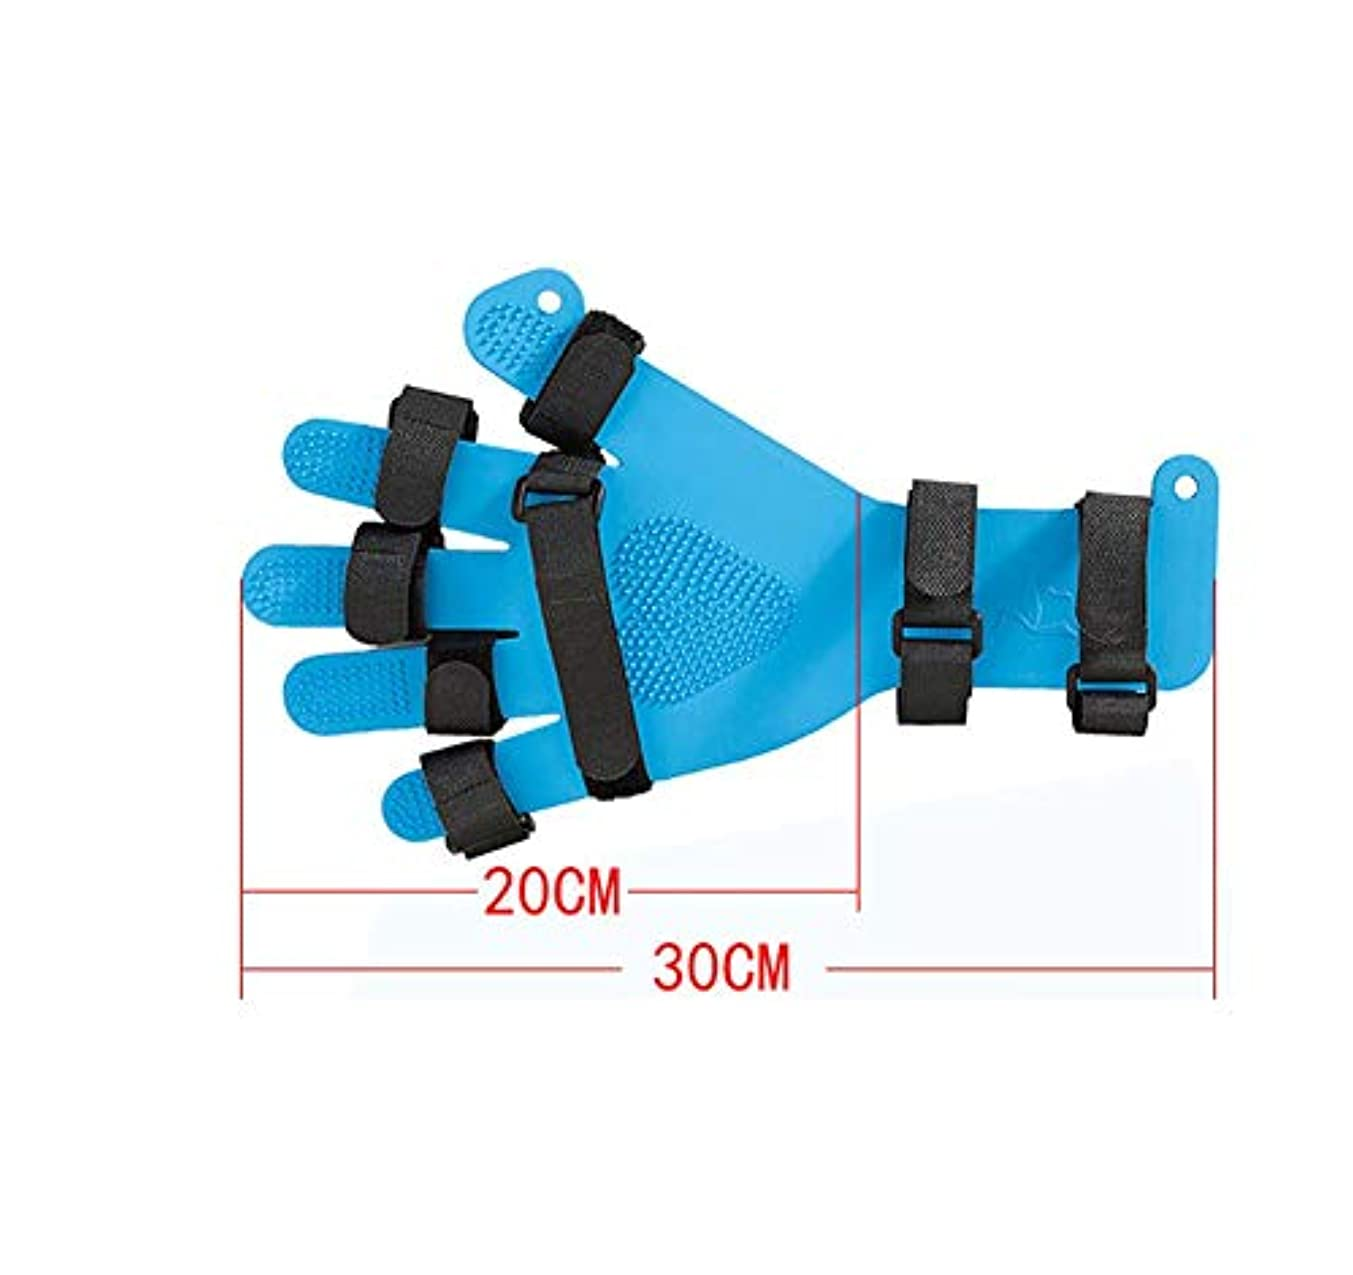 ヒョウ衣服無許可脳卒中HemiplegiaSpasmストローク神経障害Finge左右の区切りインソール-Adjustable指拡張ボードを指